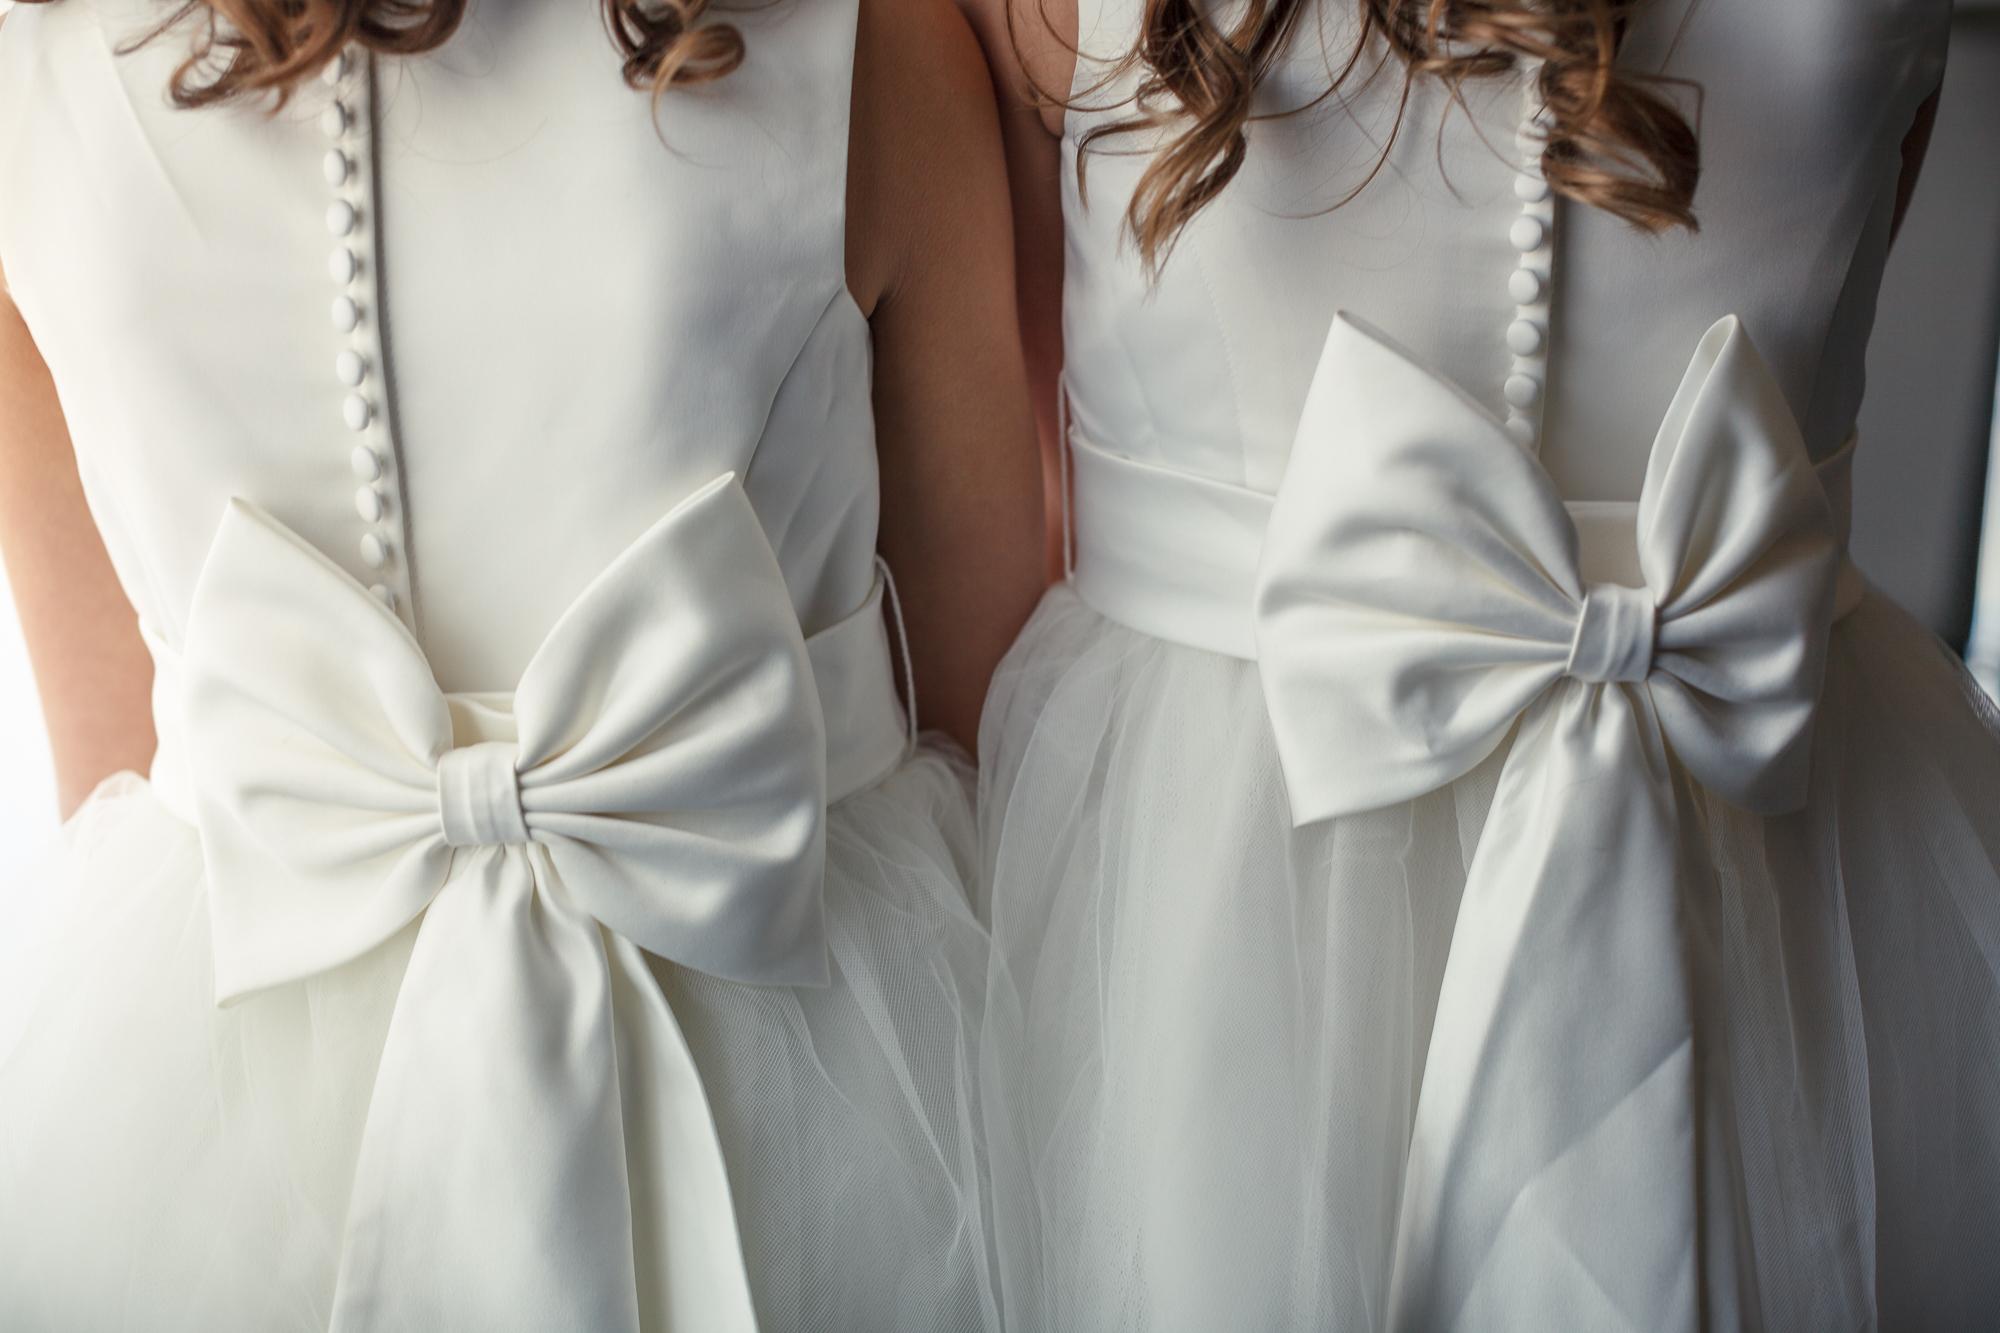 scranton-wedding-photography-zak-zavada-poconos--kellyGeoff-005.jpg